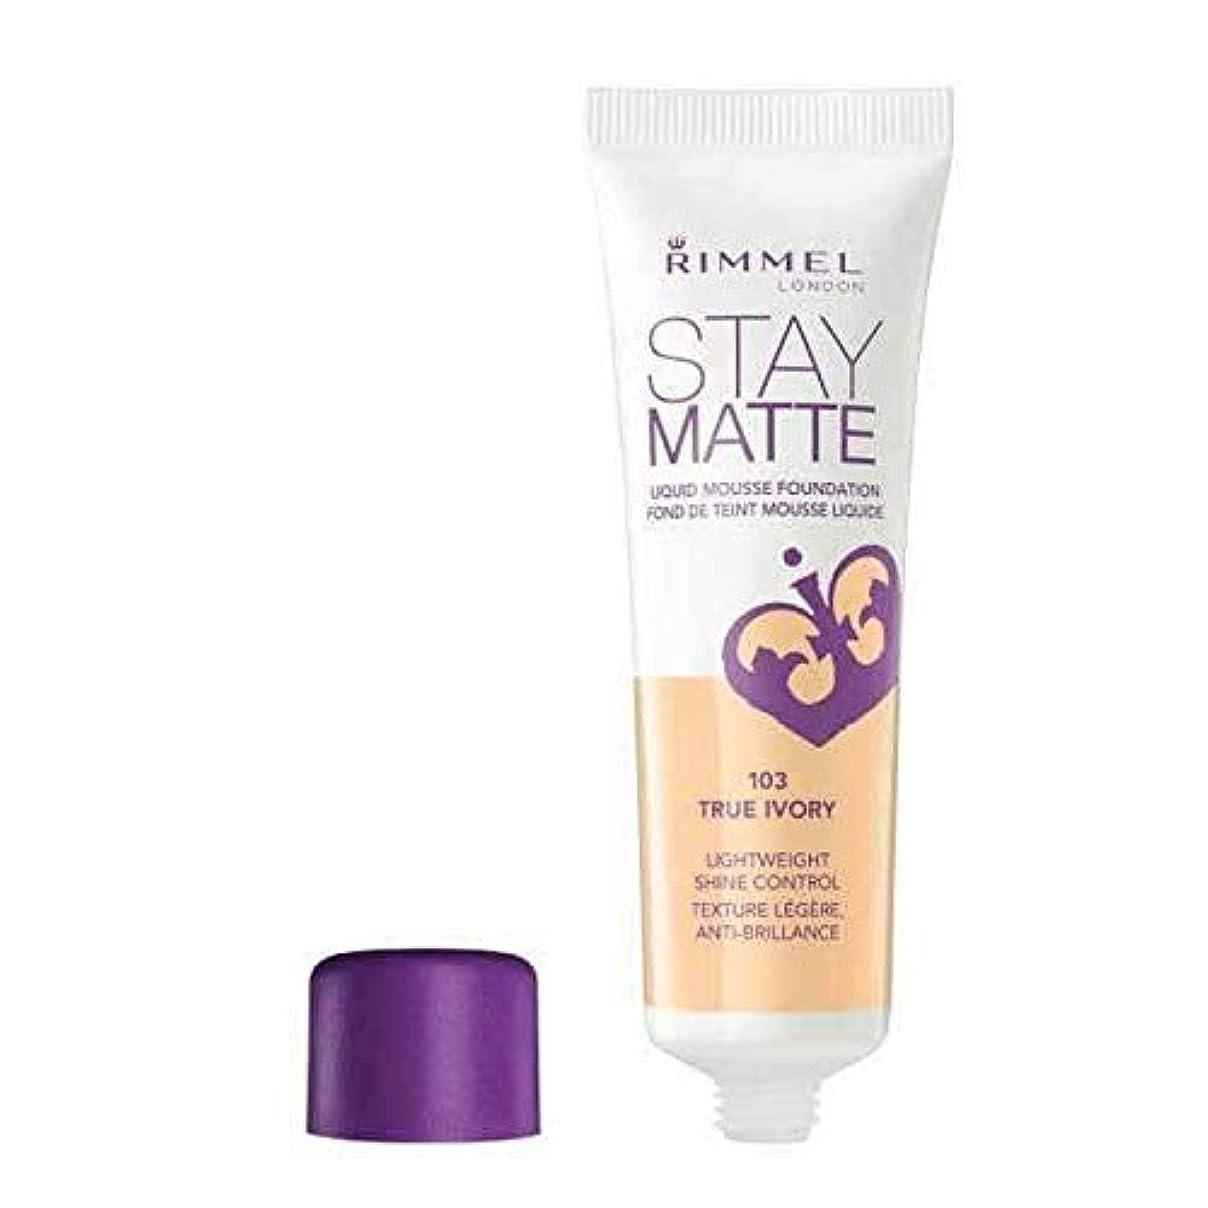 ハック因子エミュレーション[Rimmel ] リンメルステイマット基盤真アイボリー - Rimmel Stay Matte Foundation True Ivory [並行輸入品]